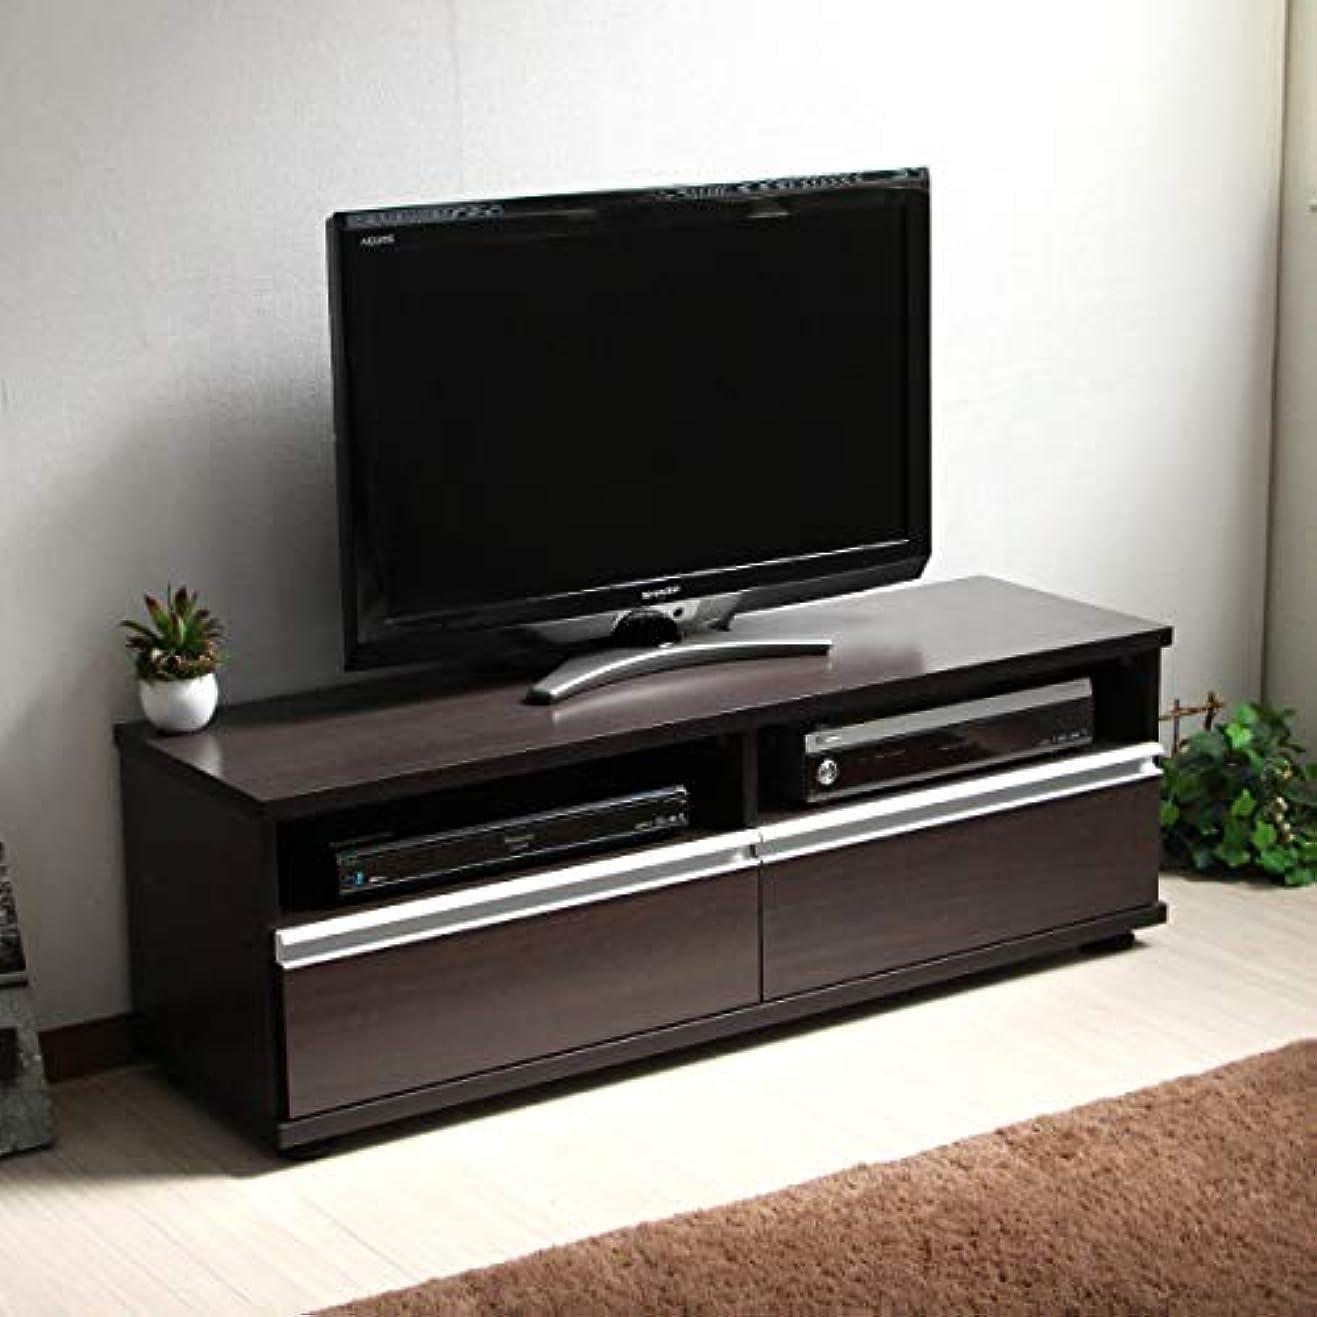 延ばす準備ができてシャワーテレビ台 120cm ロータイプ 50インチ 大型テレビ対応 ダークブラウン JTV-120BR